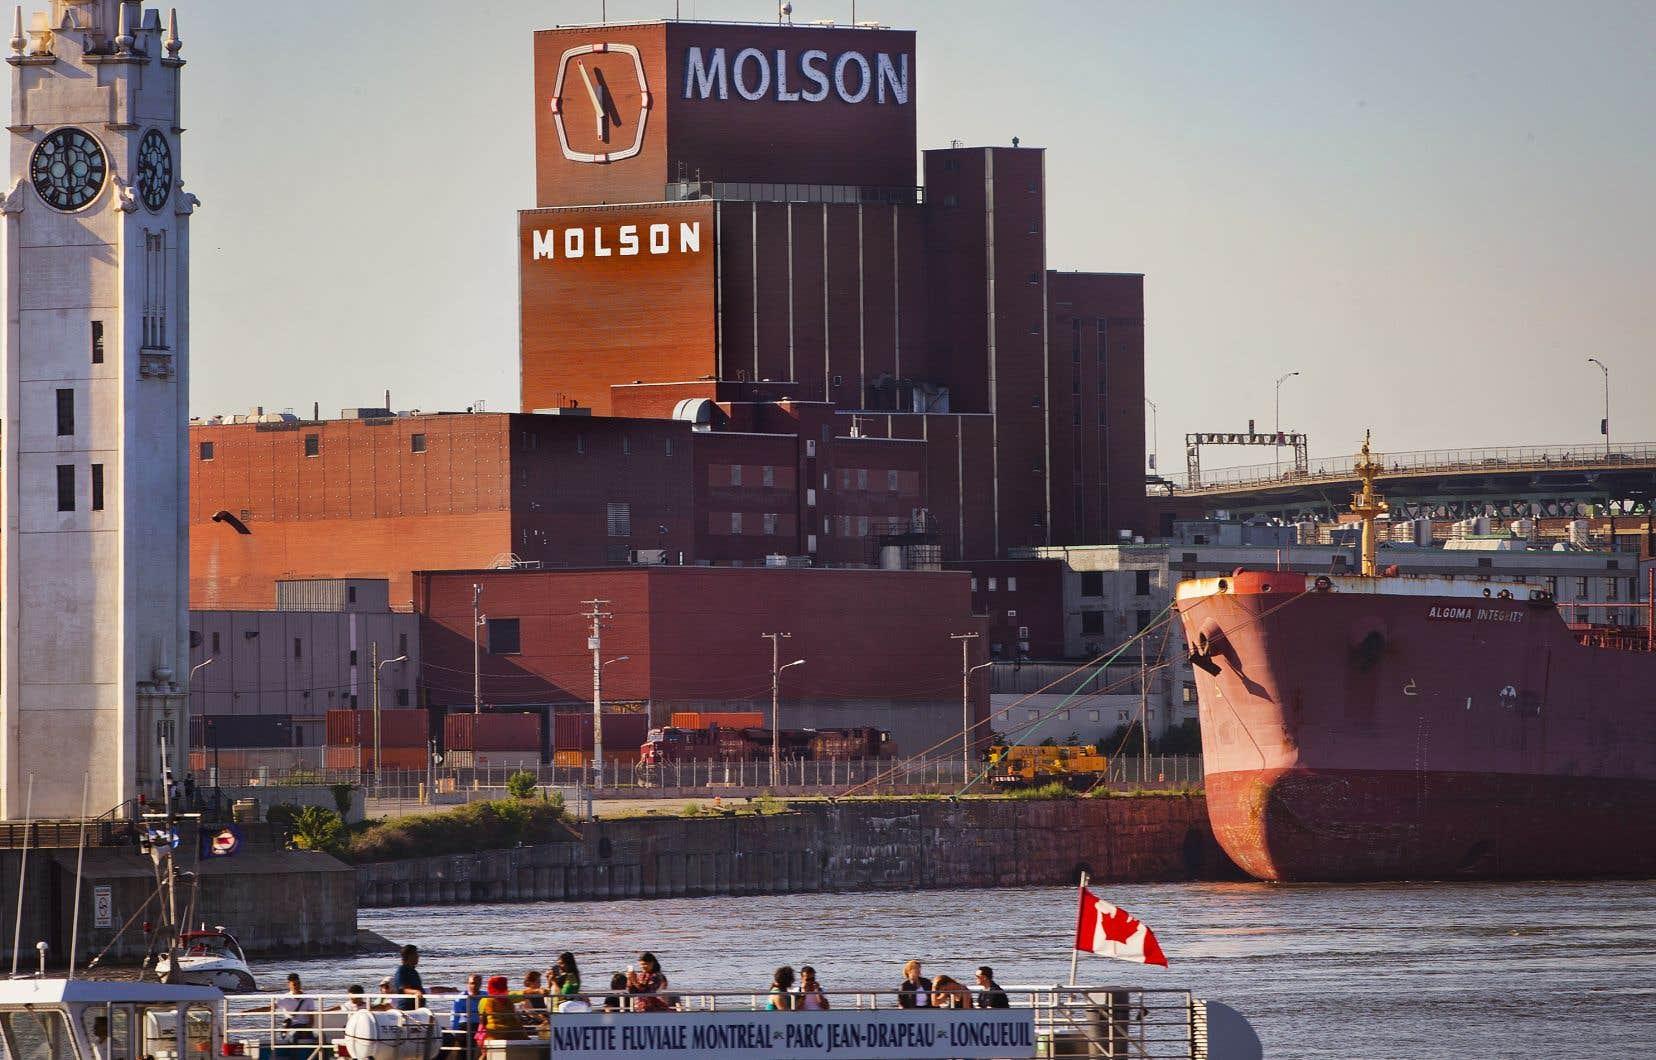 Sur le site de l'ancienne usine, un bâtiment patrimonial près du pont Jacques-Cartier, on prévoit créer un Musée de la bière qui soulignera la contribution de la famille Molson à l'histoire de Montréal.